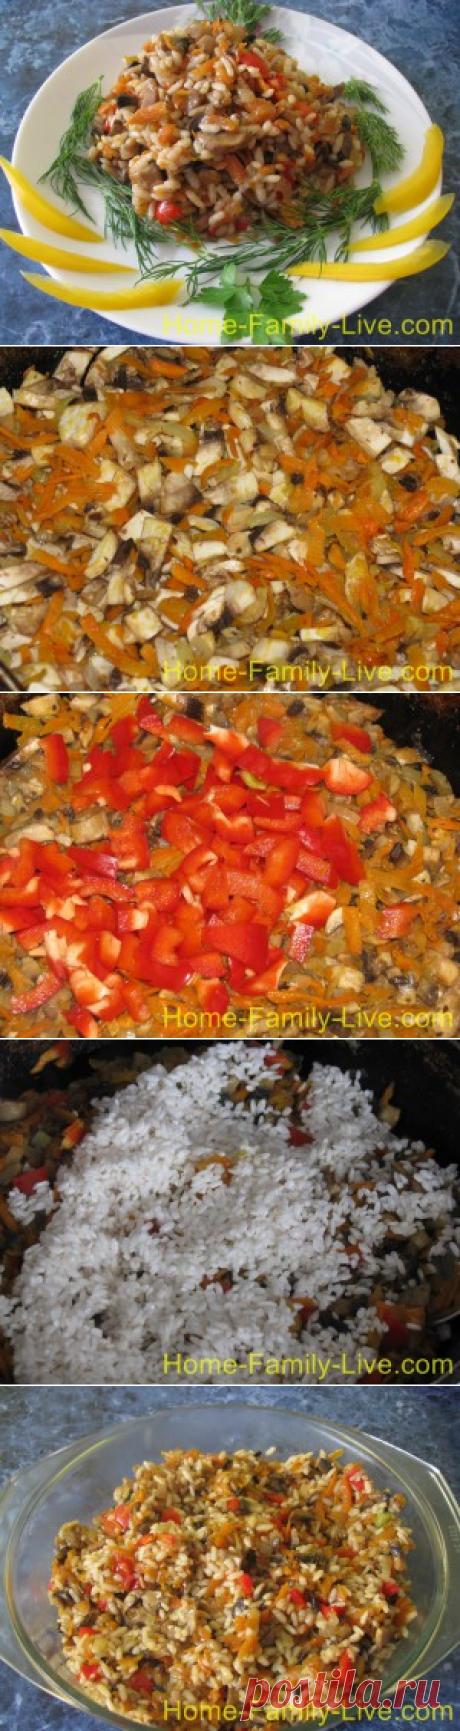 Рис с грибами - пошаговый фоторецепт - постное блюдоКулинарные рецепты